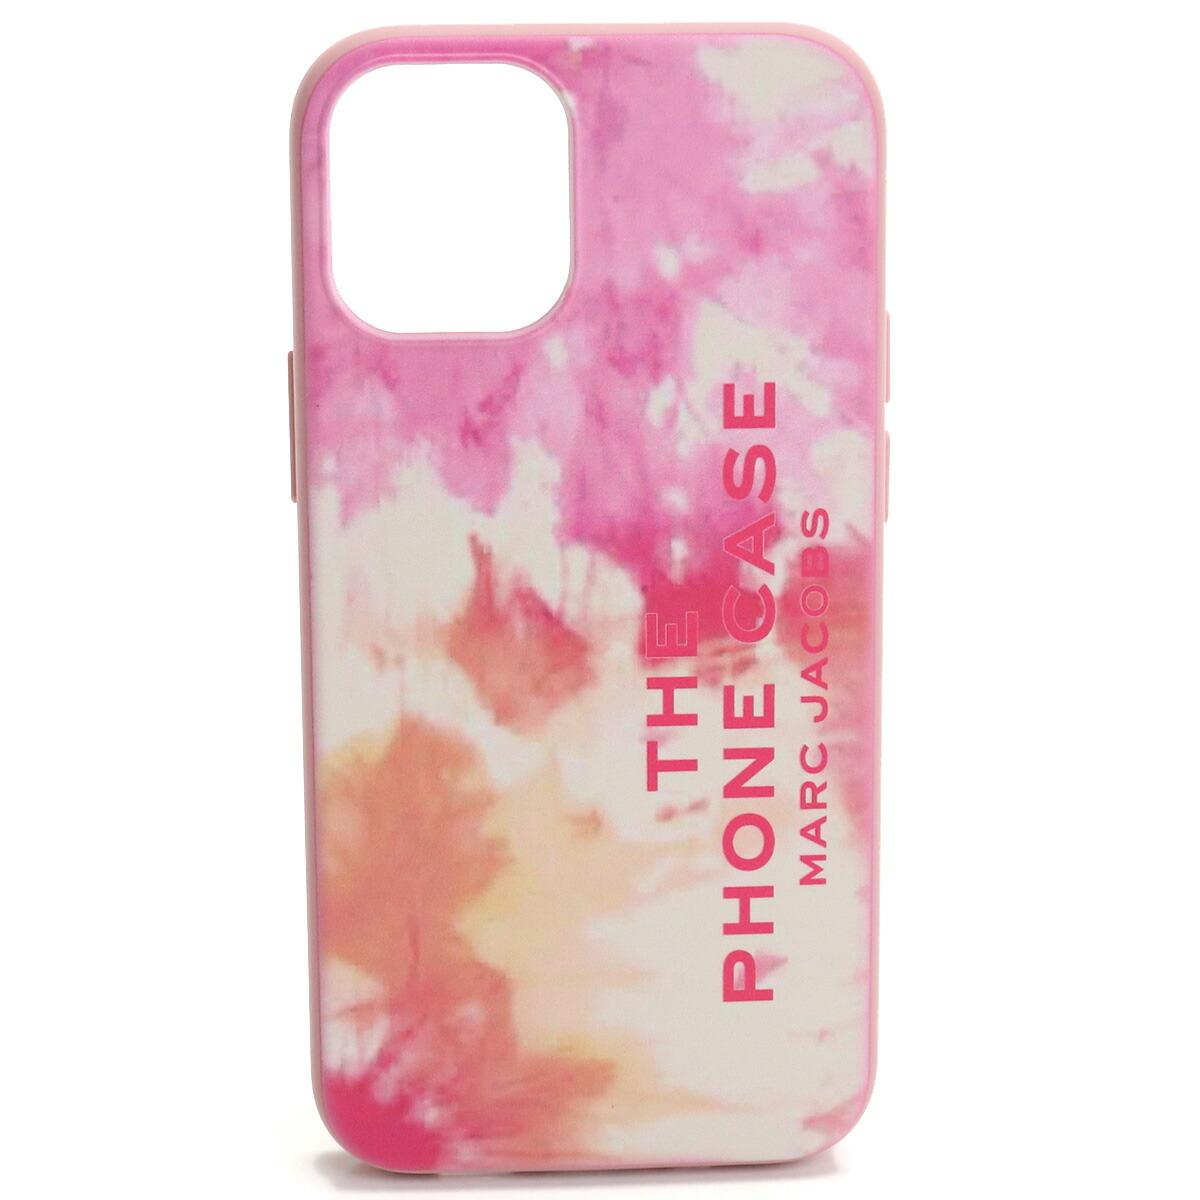 マーク・ジェイコブス MARC JACOBS Iphone 12 Mini iPhoneケース ブランドiPhoneケース T509M02PF21 699 PINK MULTI ピンク系